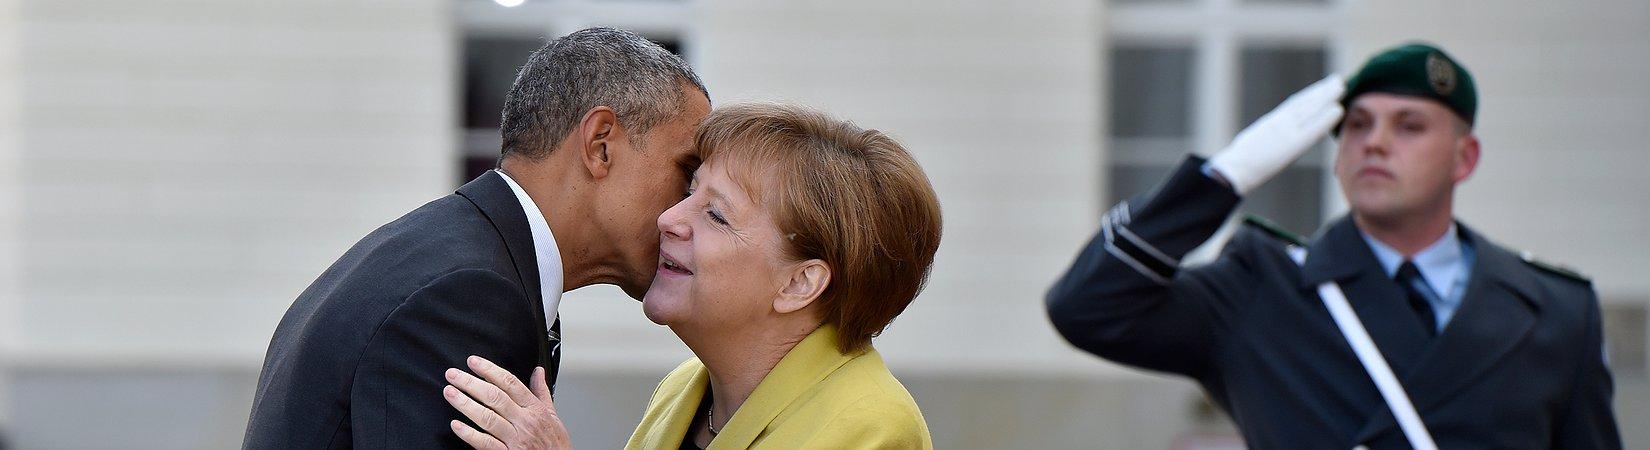 Ein ungleiches Paar in der Weltpolitik